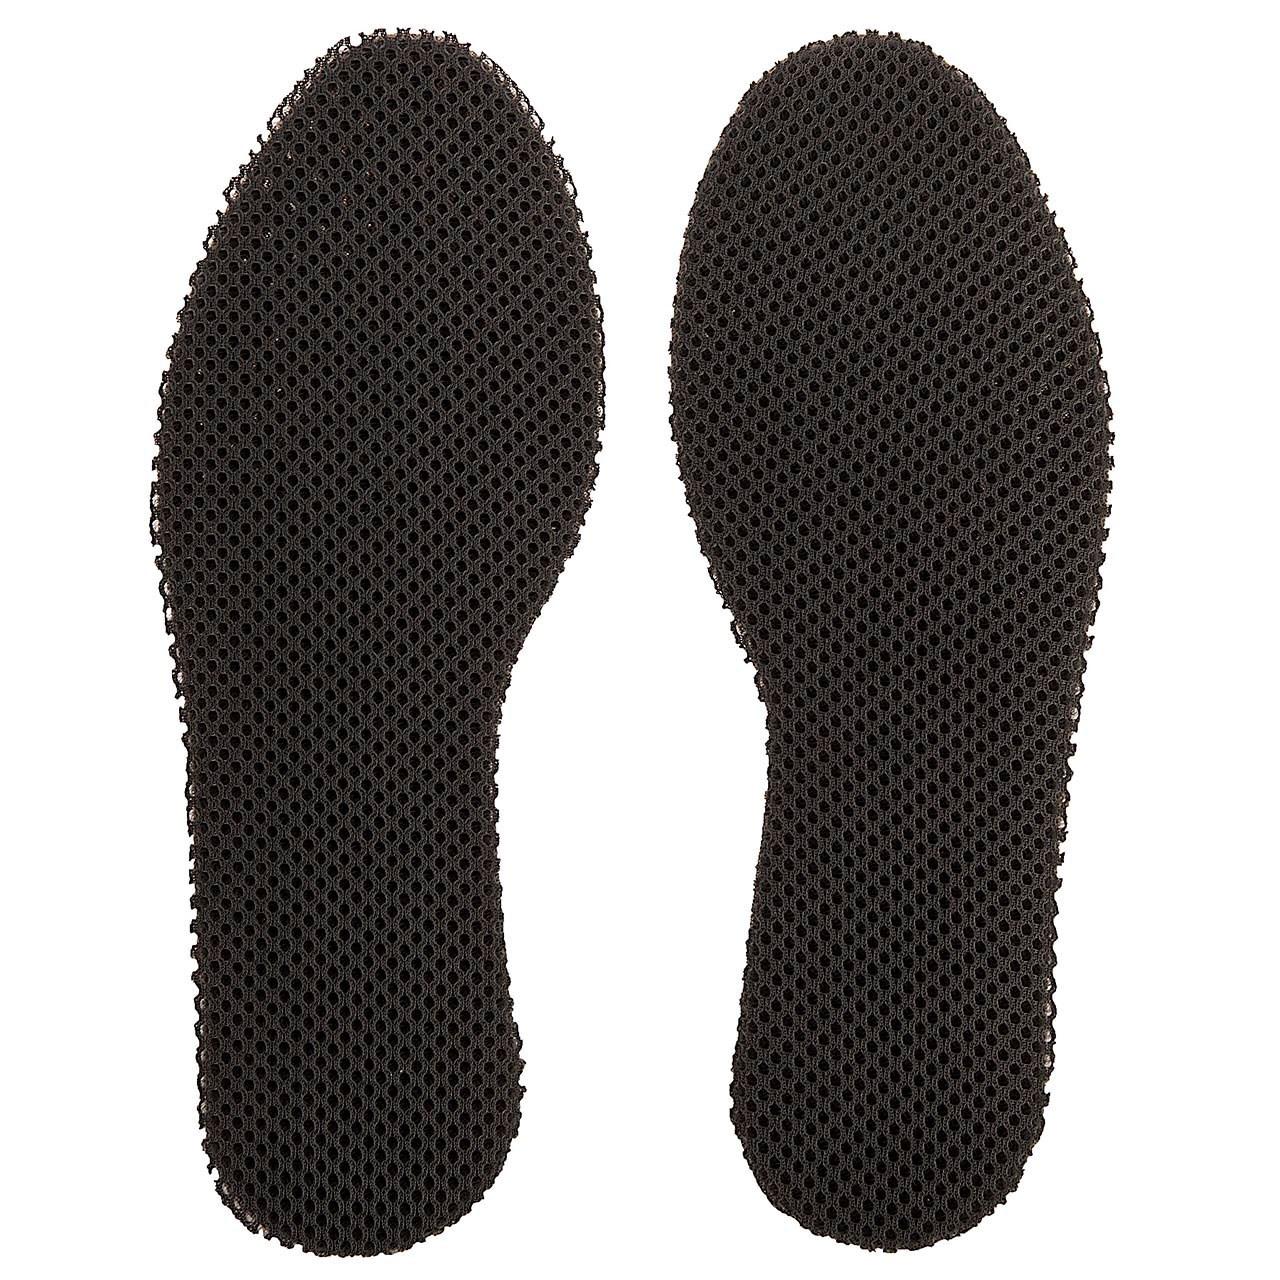 کفی کفش طب و صنعت مدل Comfort سایز 39-38